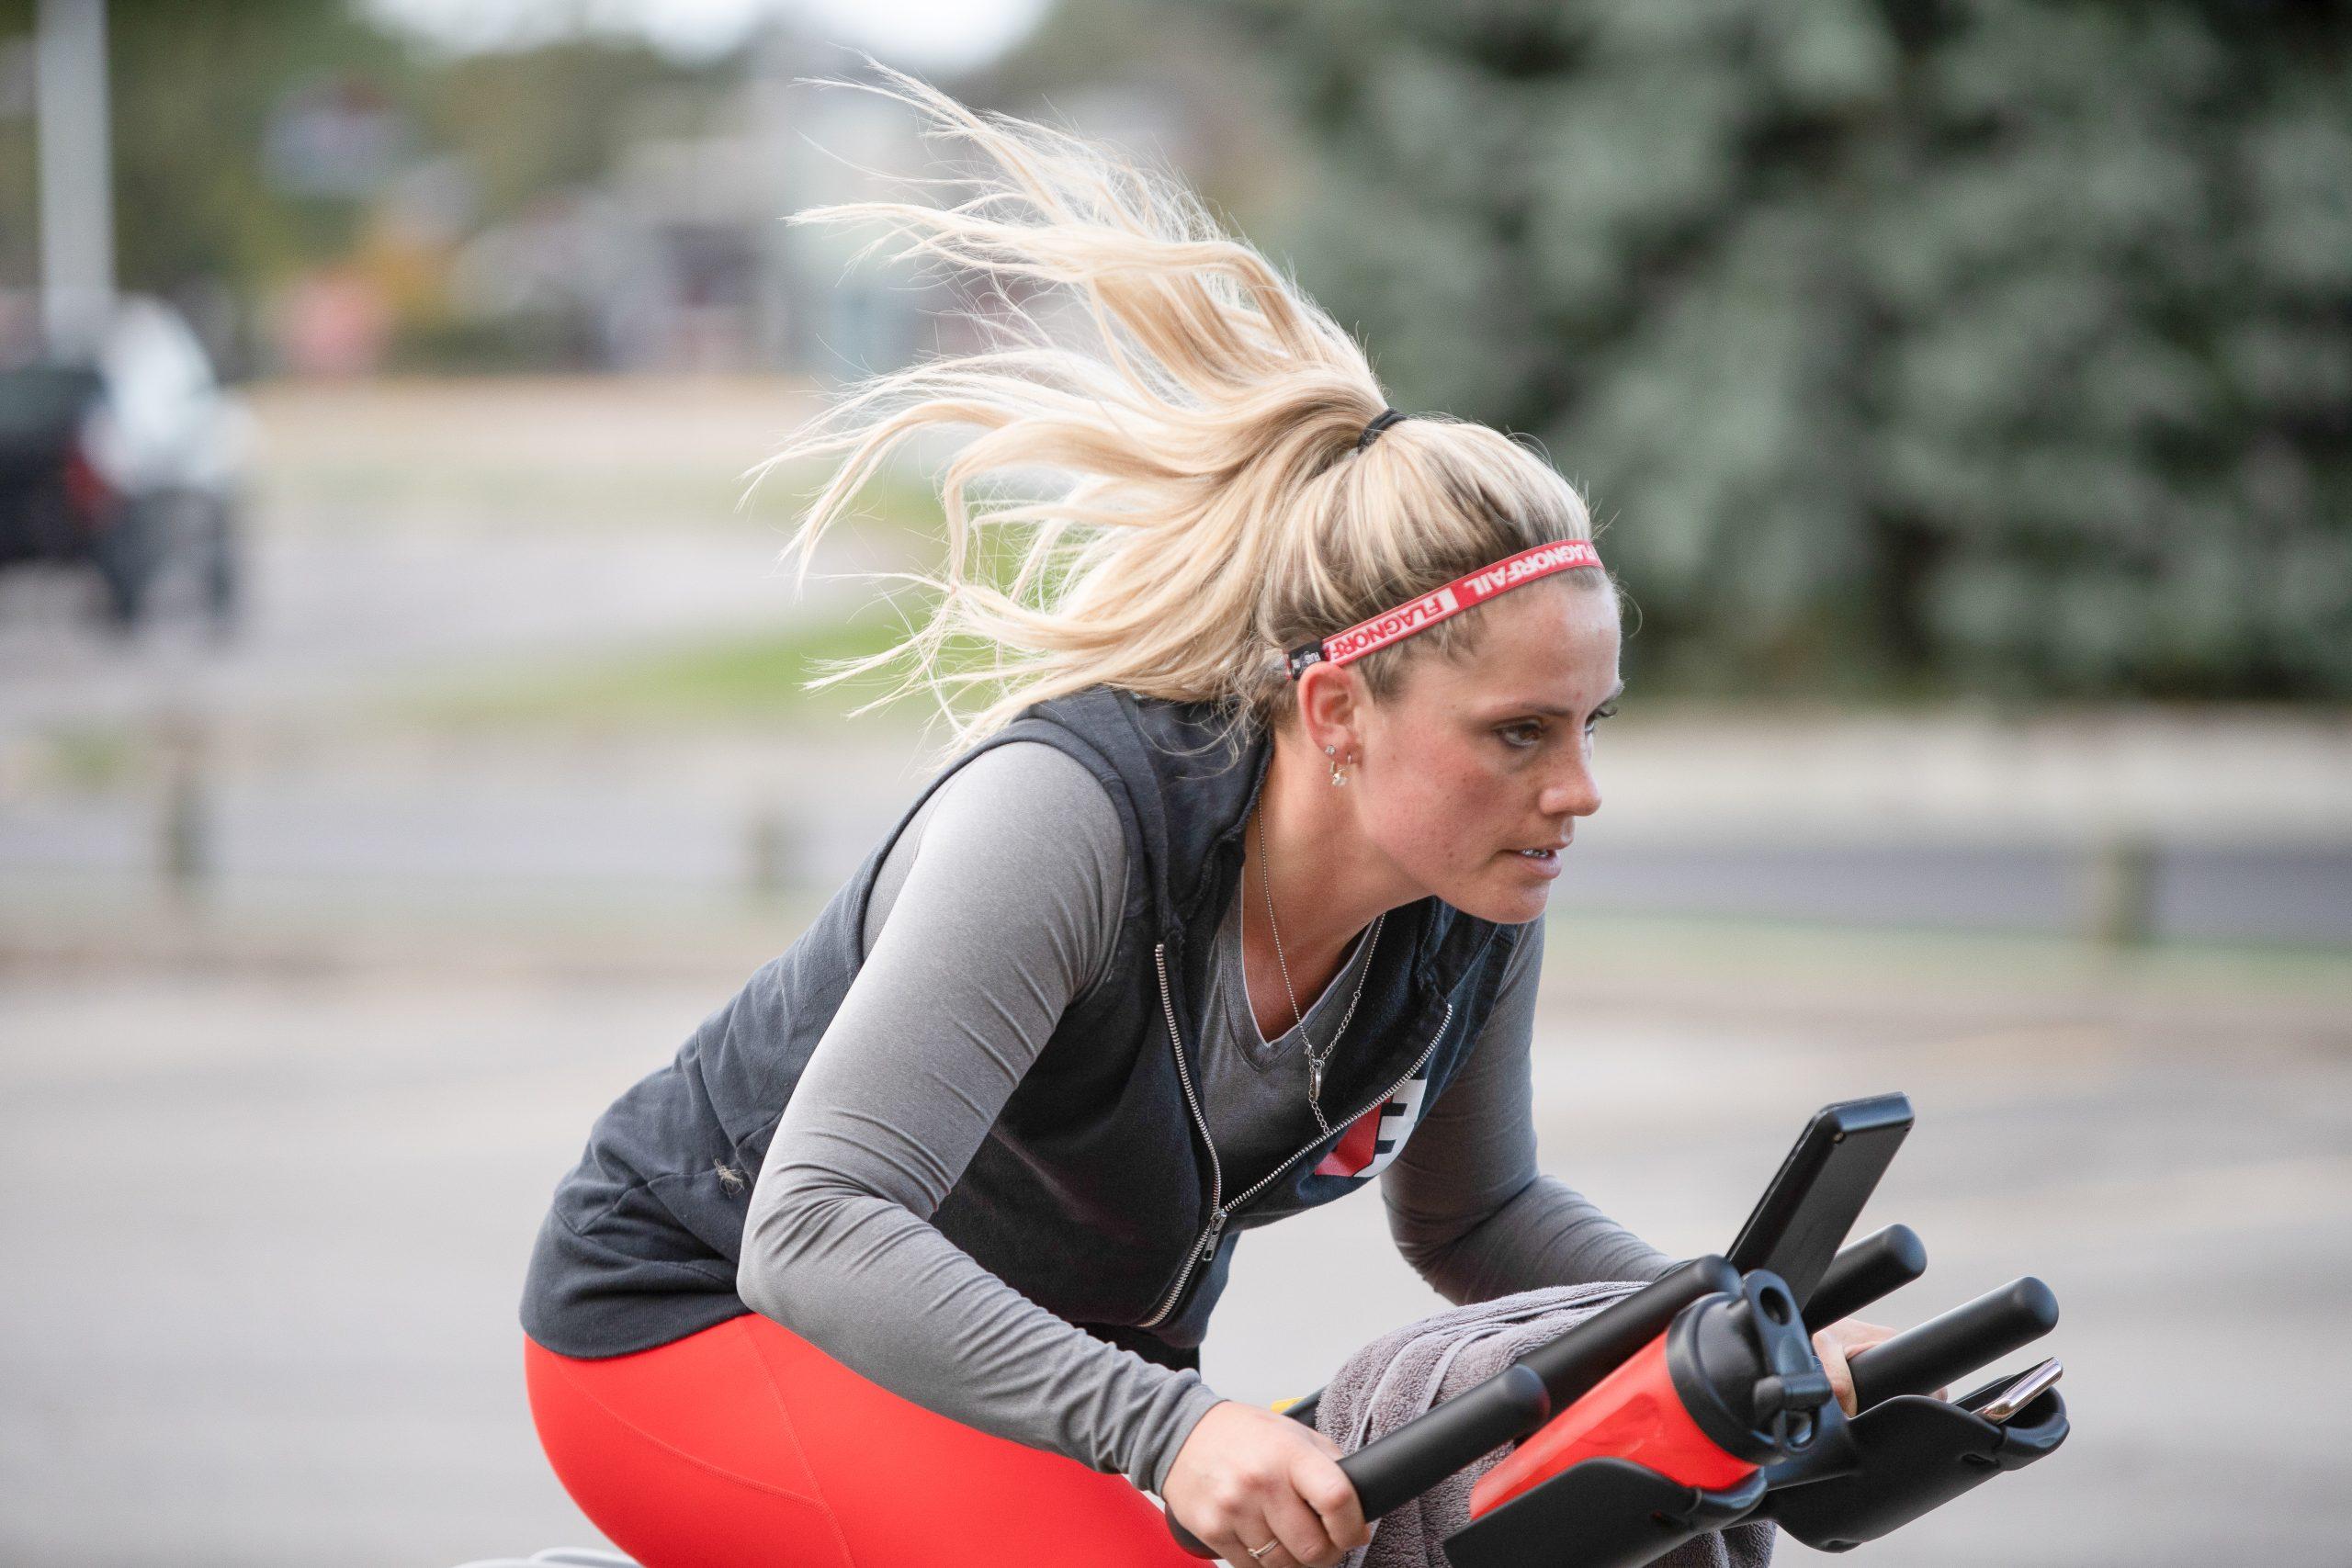 power bike ride in buffalo ny